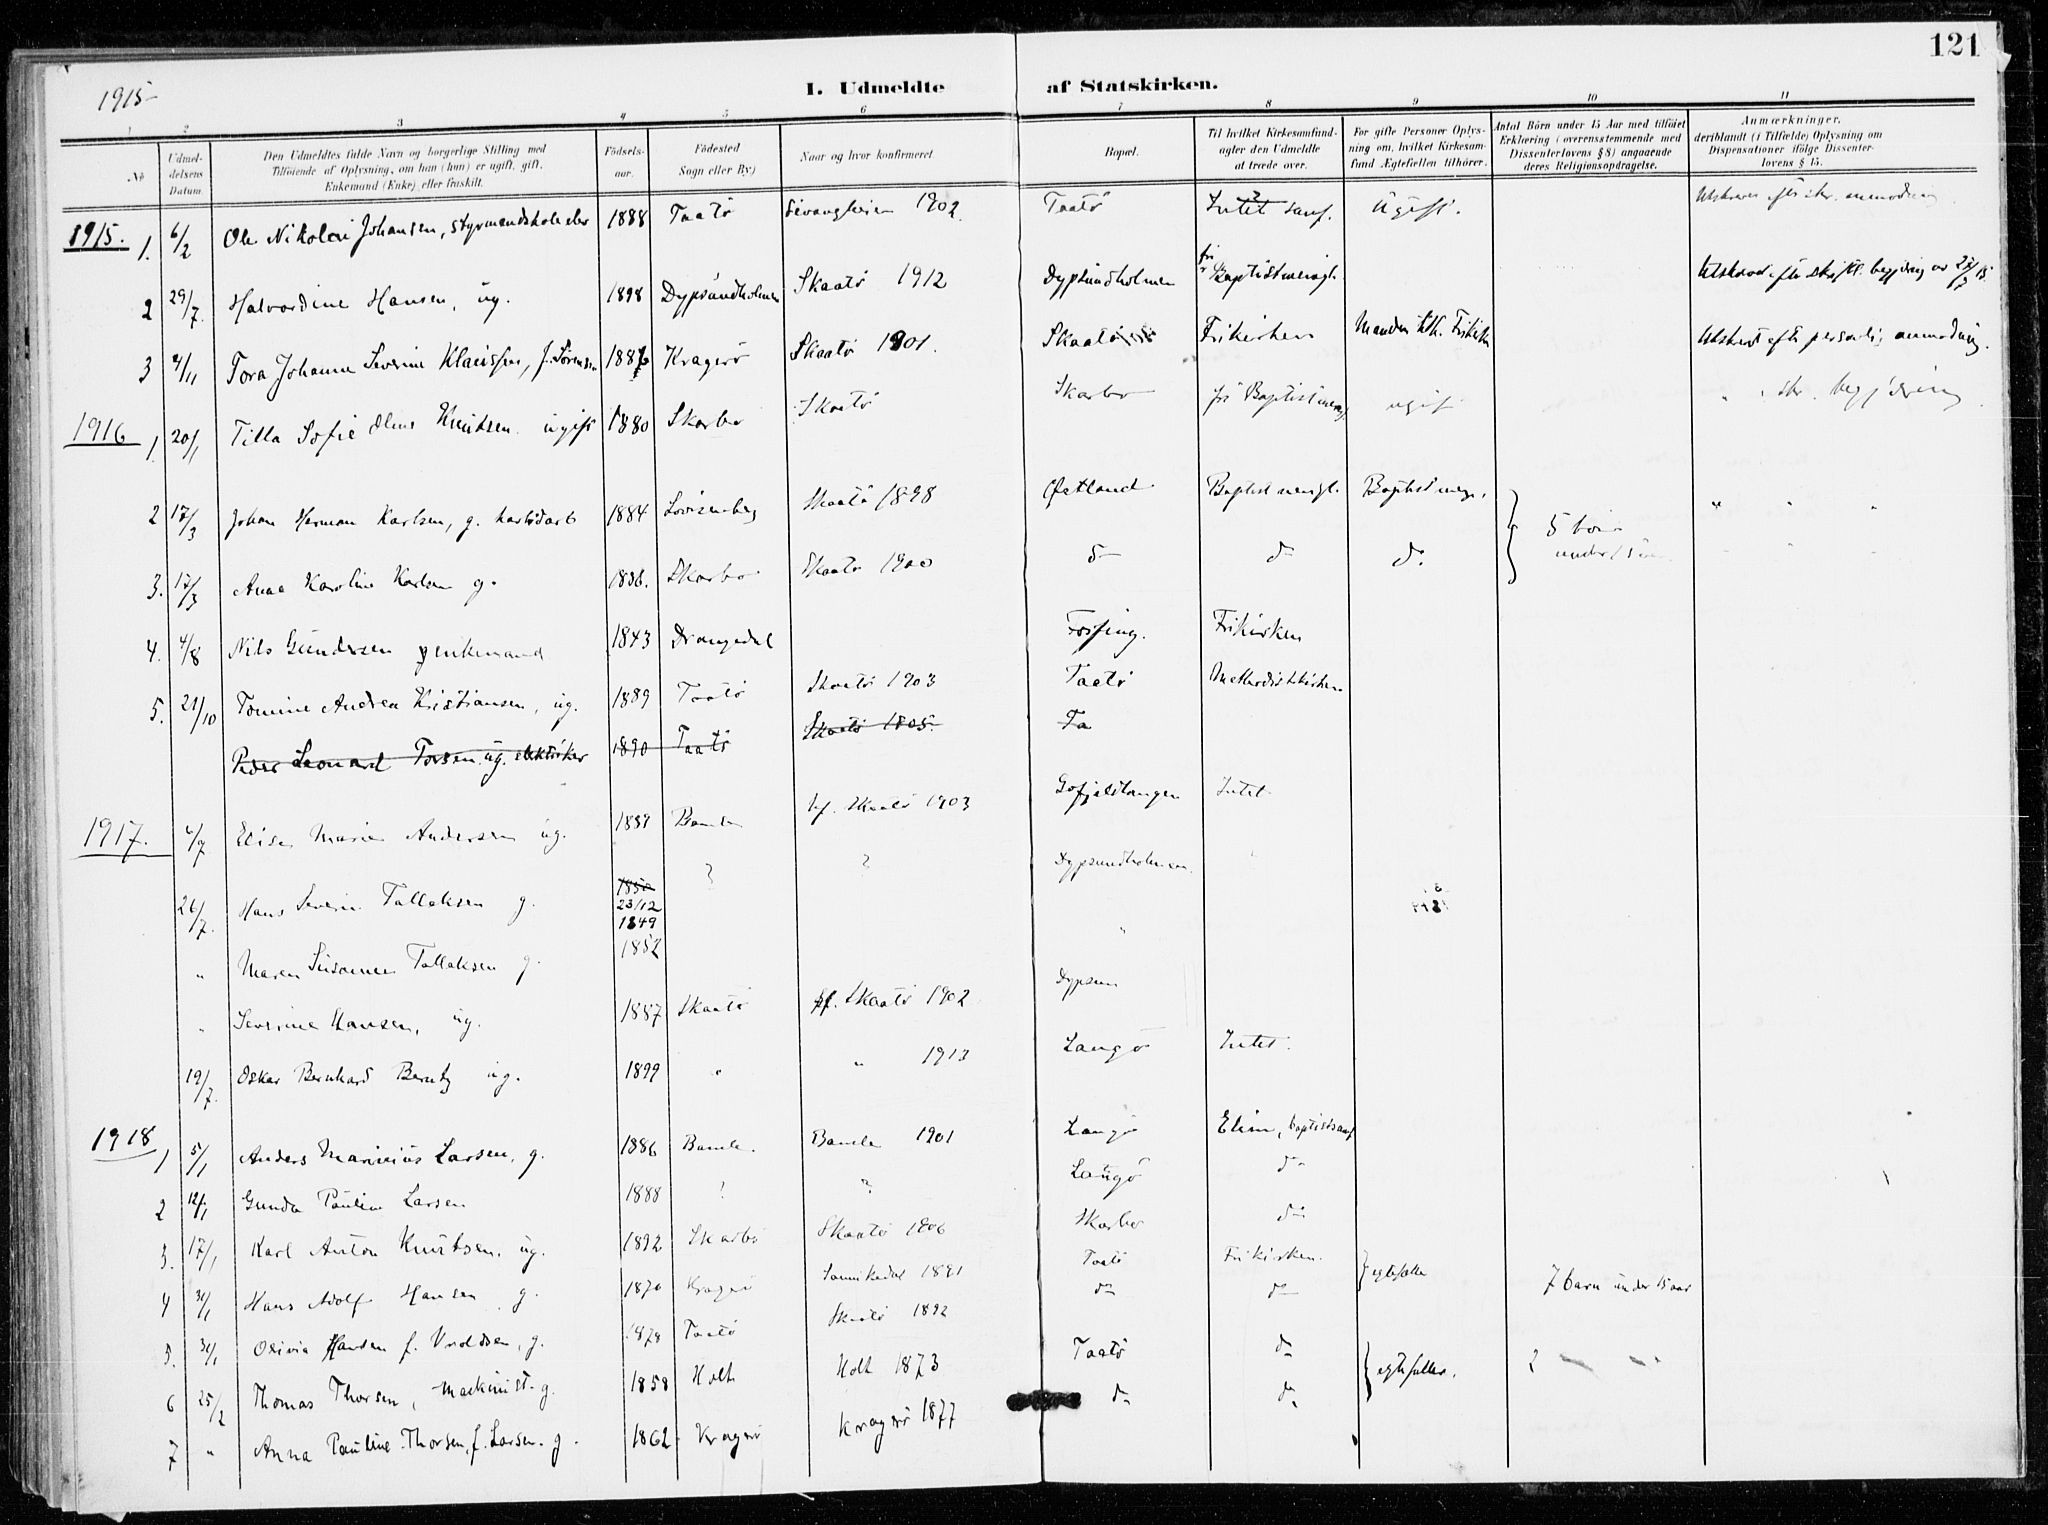 SAKO, Skåtøy kirkebøker, F/Fa/L0005: Ministerialbok nr. I 5, 1901-1923, s. 121